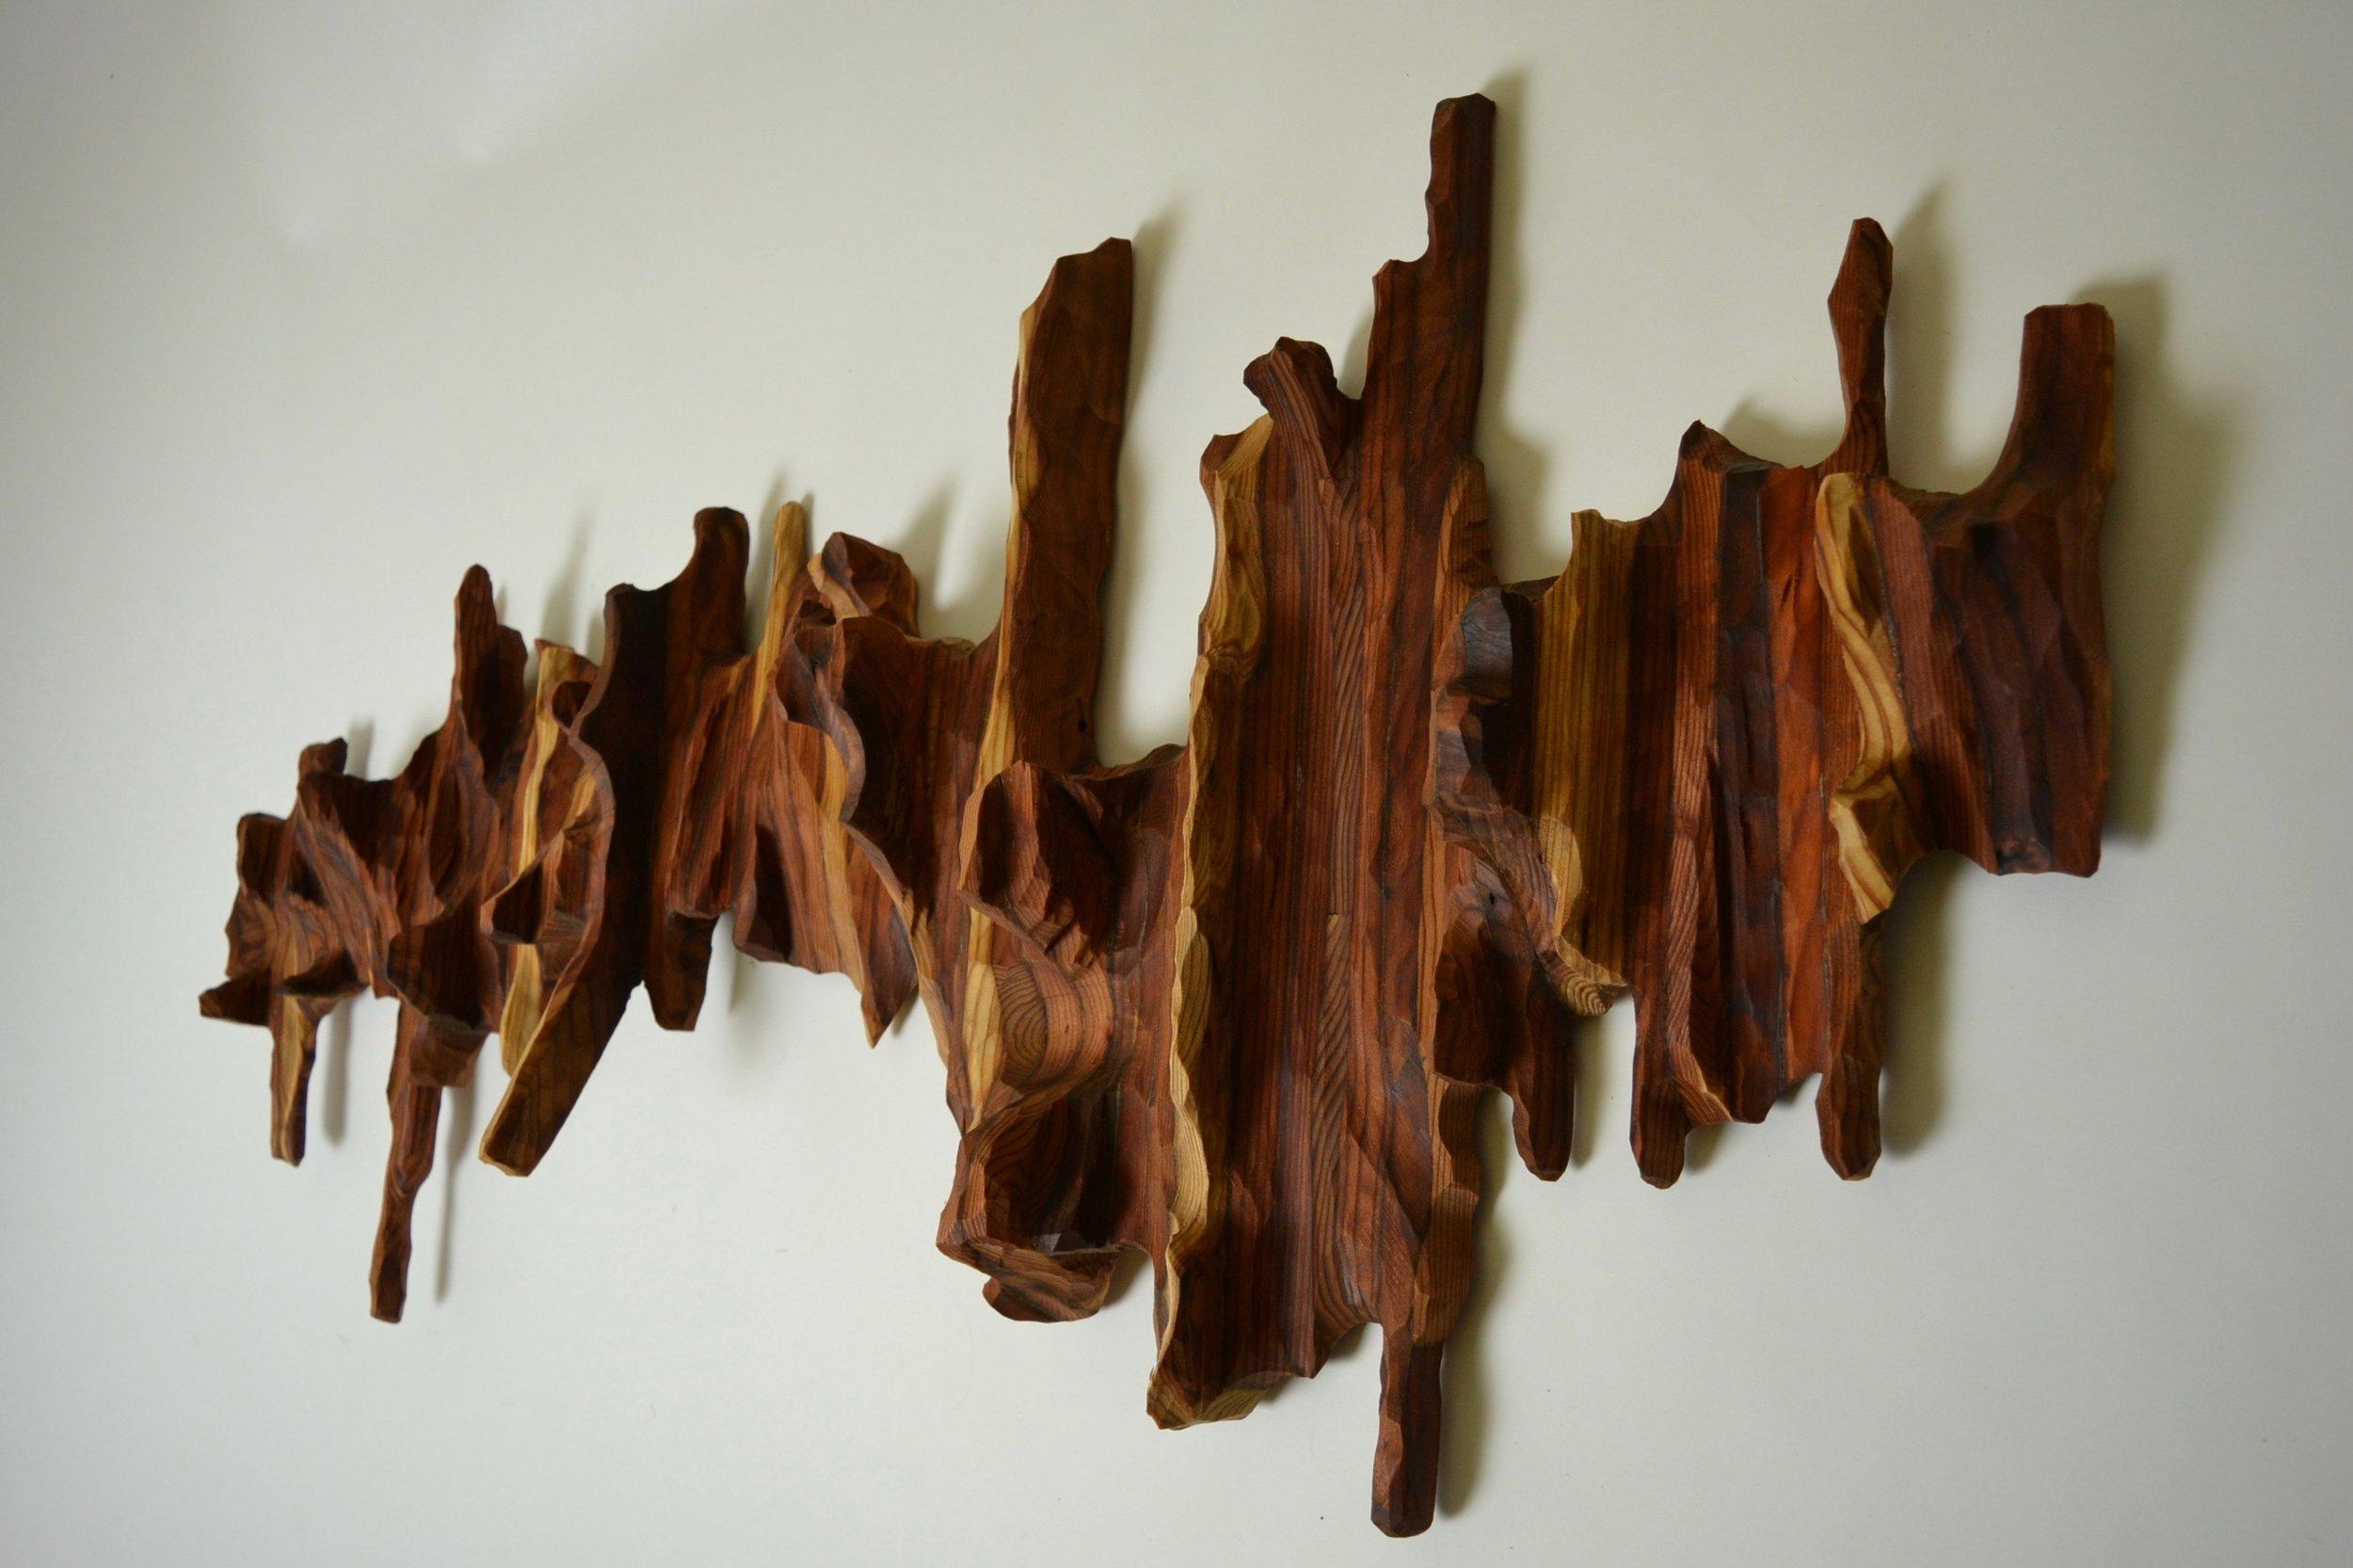 Contemporary wall sculpture by Lutz Hornischer